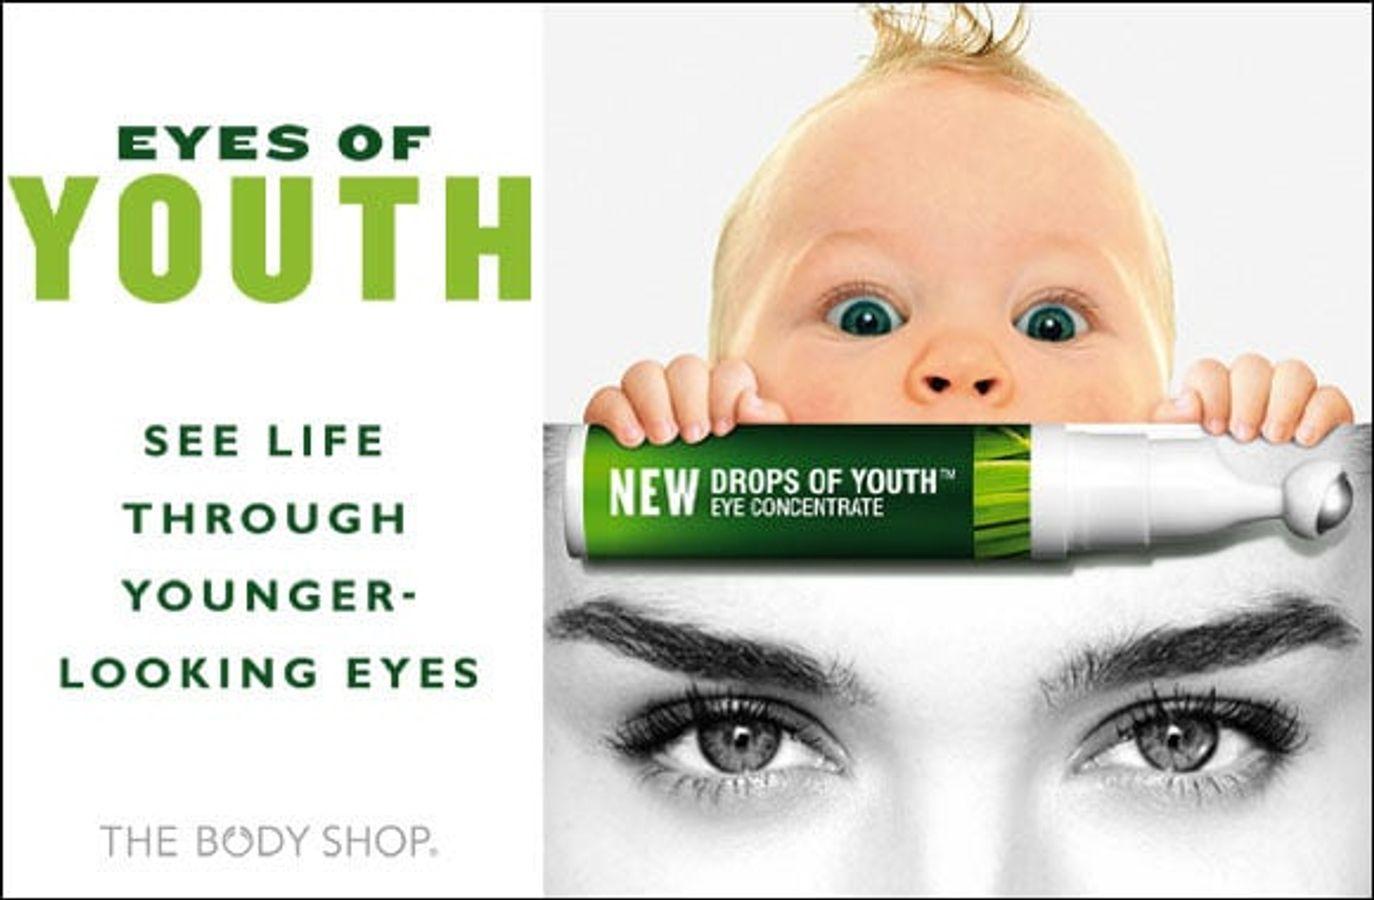 Kem Chống Nhăn Vùng Mắt The Body Shop Drops Of Youth